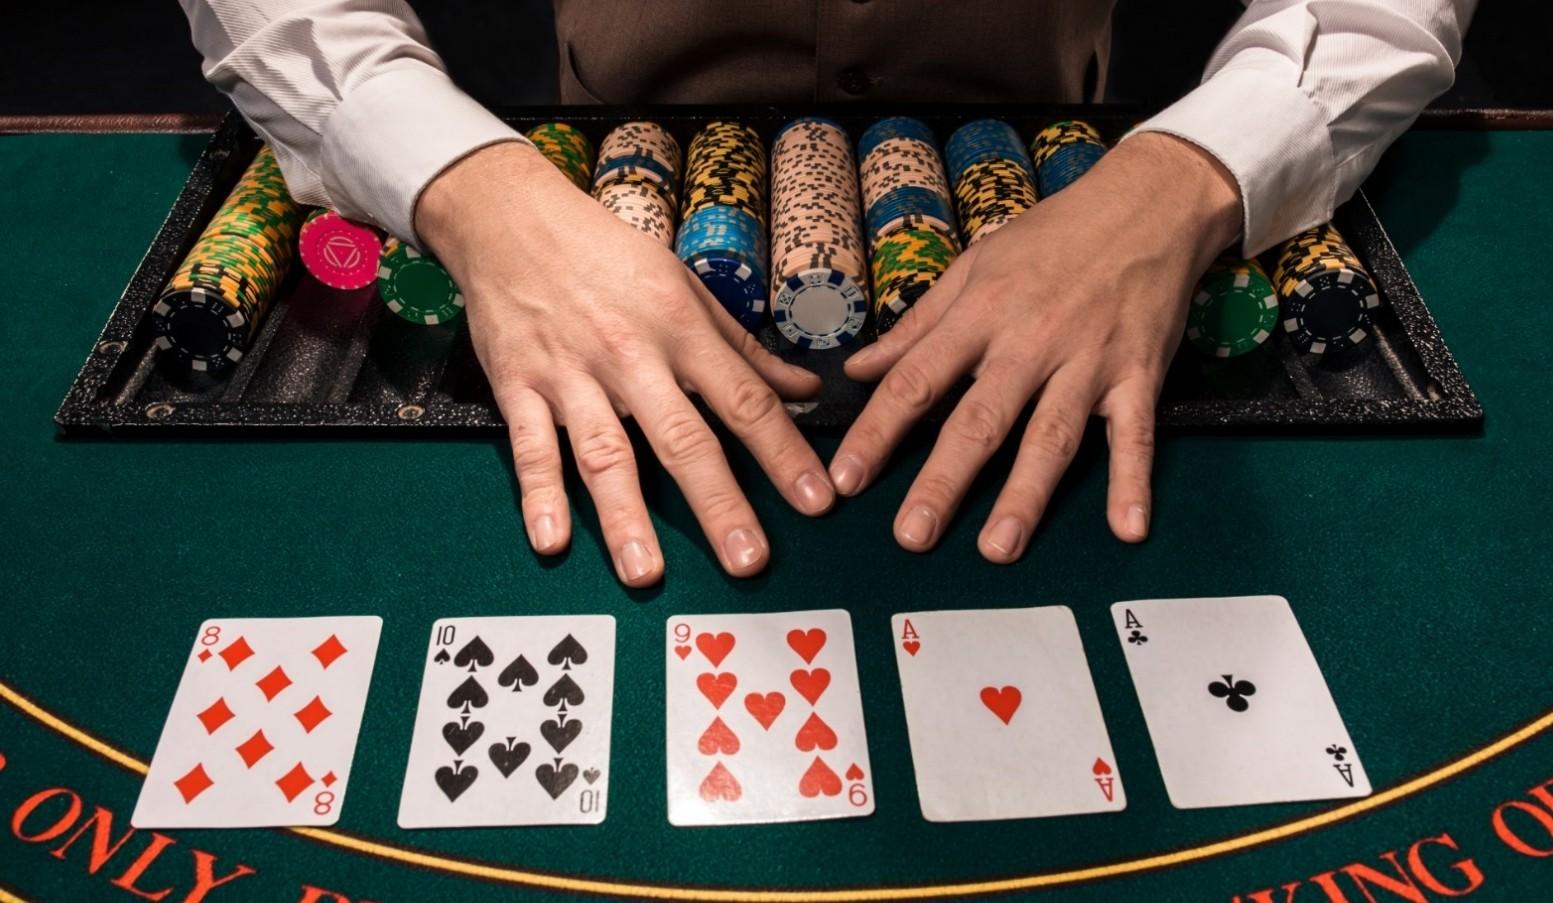 Rất nhiều người chọn Poker không chỉ để giải trí mà còn là nghề để kiếm sống.